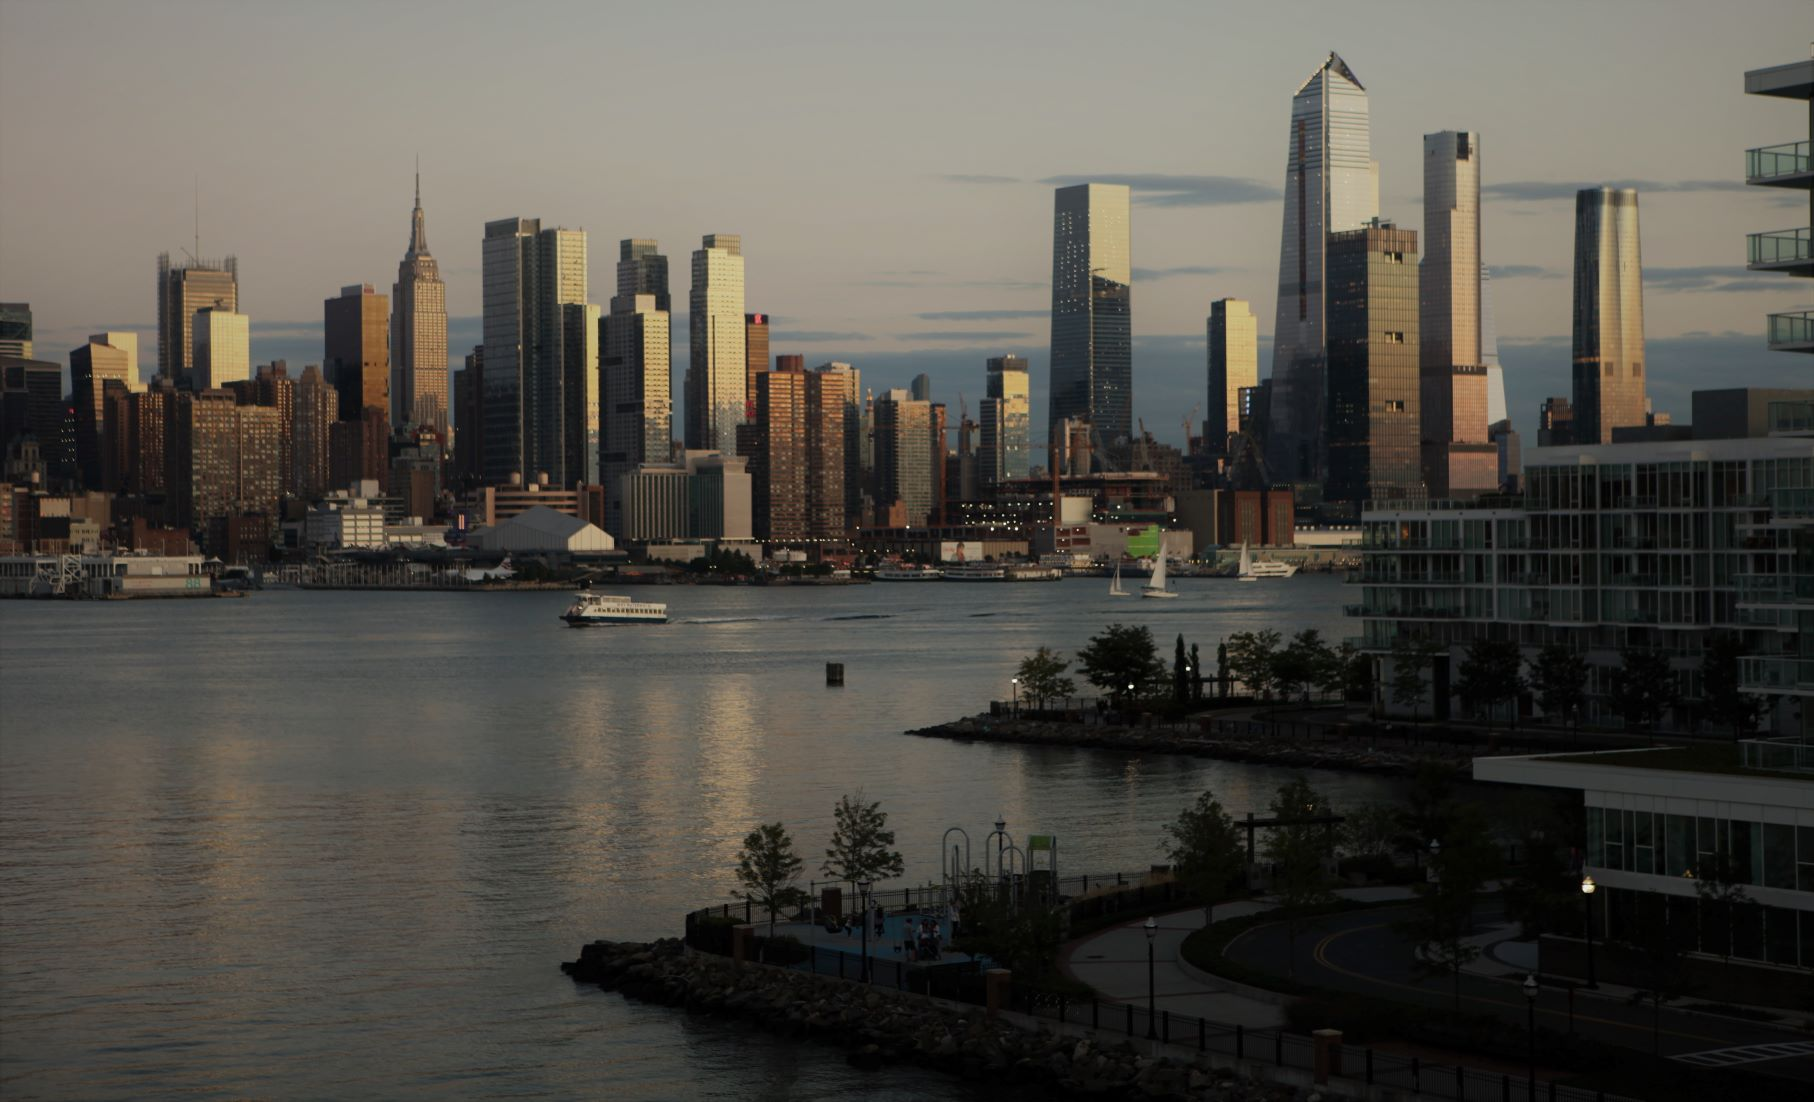 webindays-webdesign-NJ-NY-photography-vagretiphoto